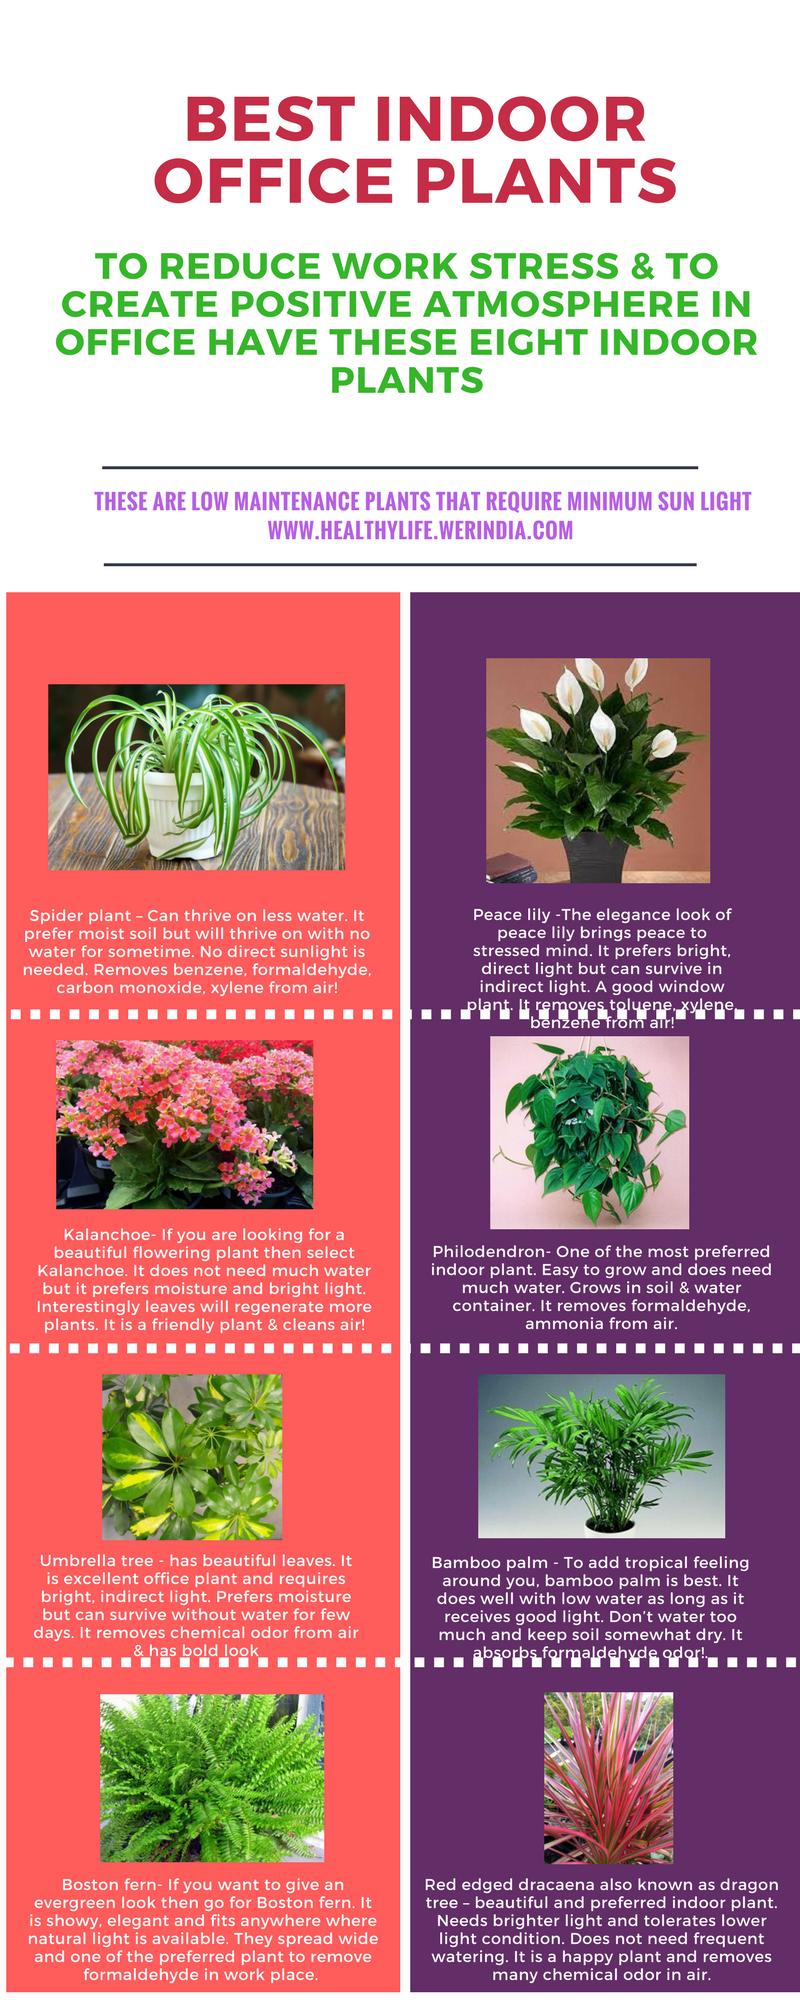 8 Best indoor office plants